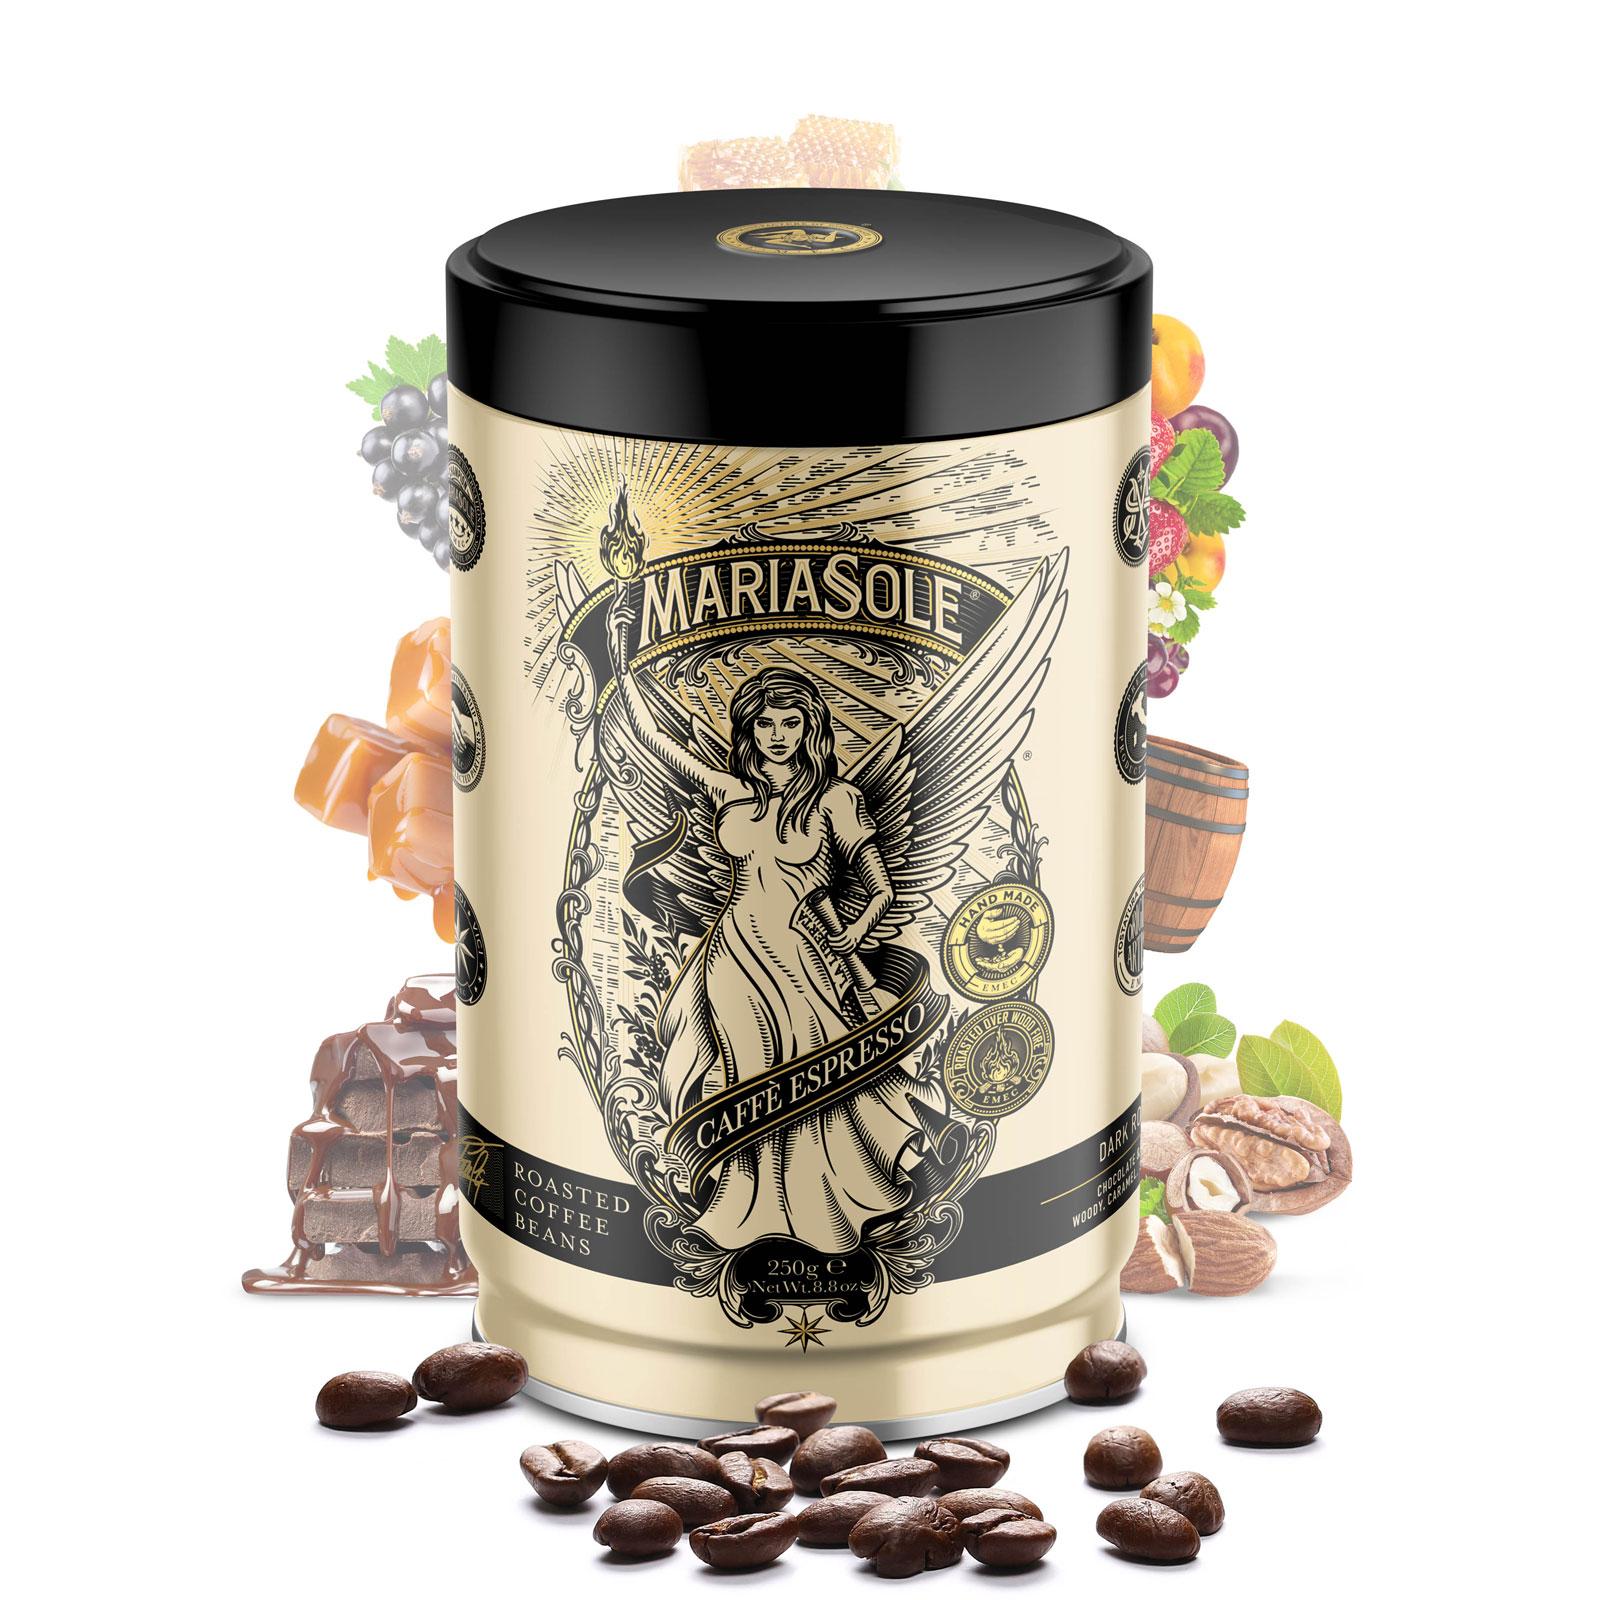 MARIASOLE- Caffè Espresso - 250g - Bohnen